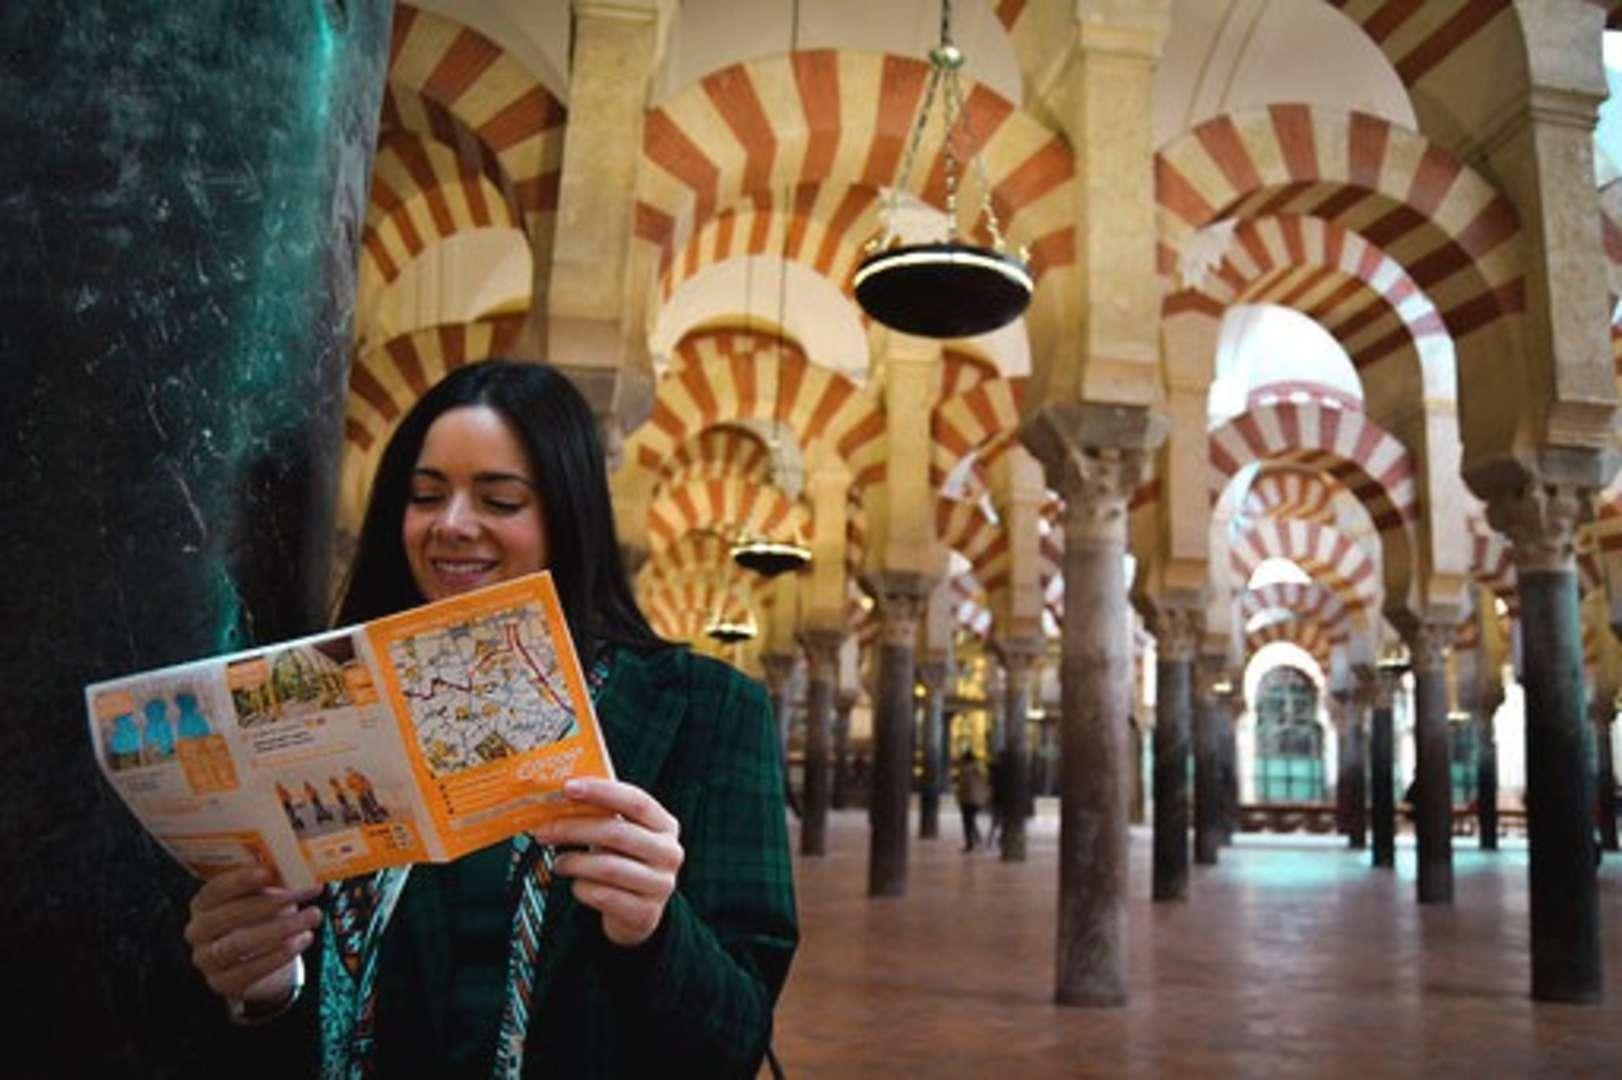 MEZQUITA - CATEDRAL<br /><strong>Visita en ESPAÑOL <strong class='extra_info_articulo'>- desde 25.00 €  </strong></strong>